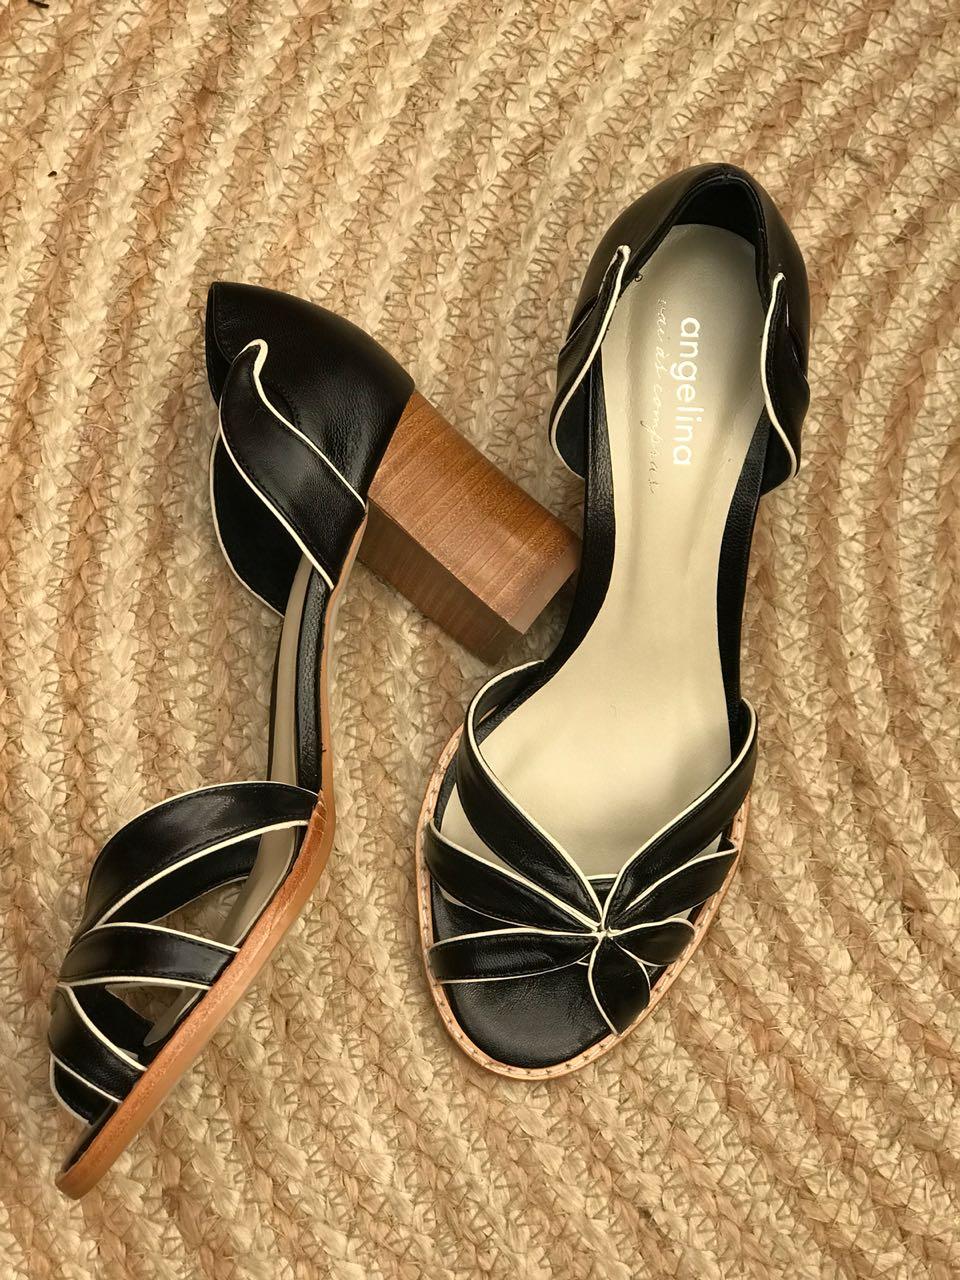 Sapato Aberto com salto fachete natural em madeira - Preto com viés em Off-white  - Angelina Vai às Compras